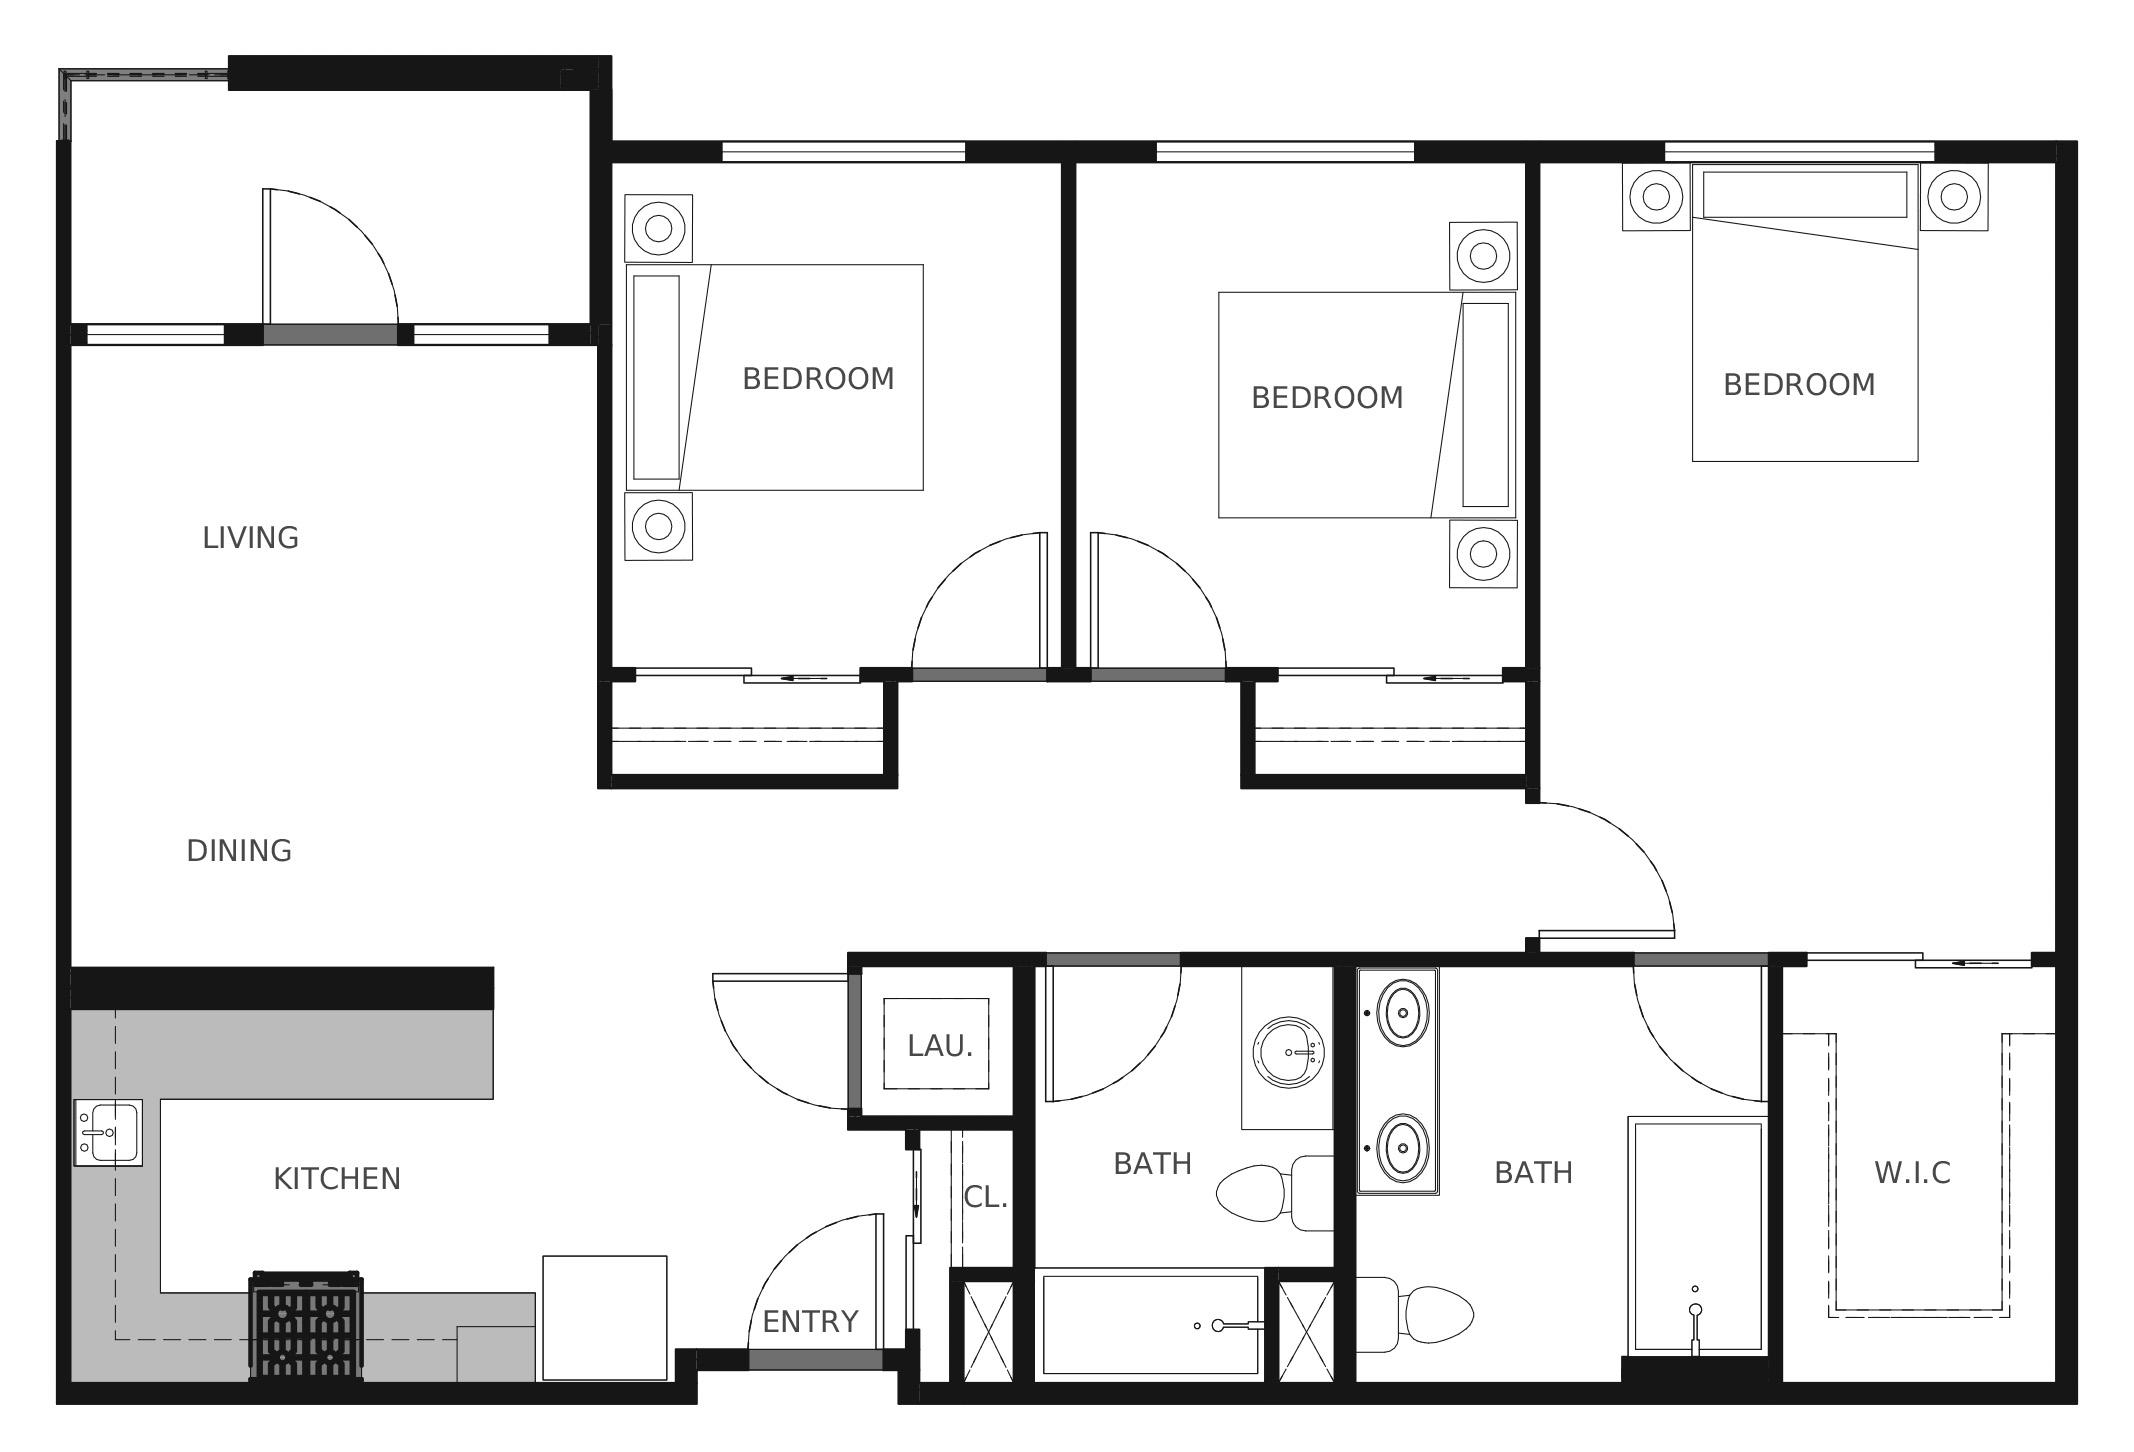 Plan C1 - 1,118 sq. ft.